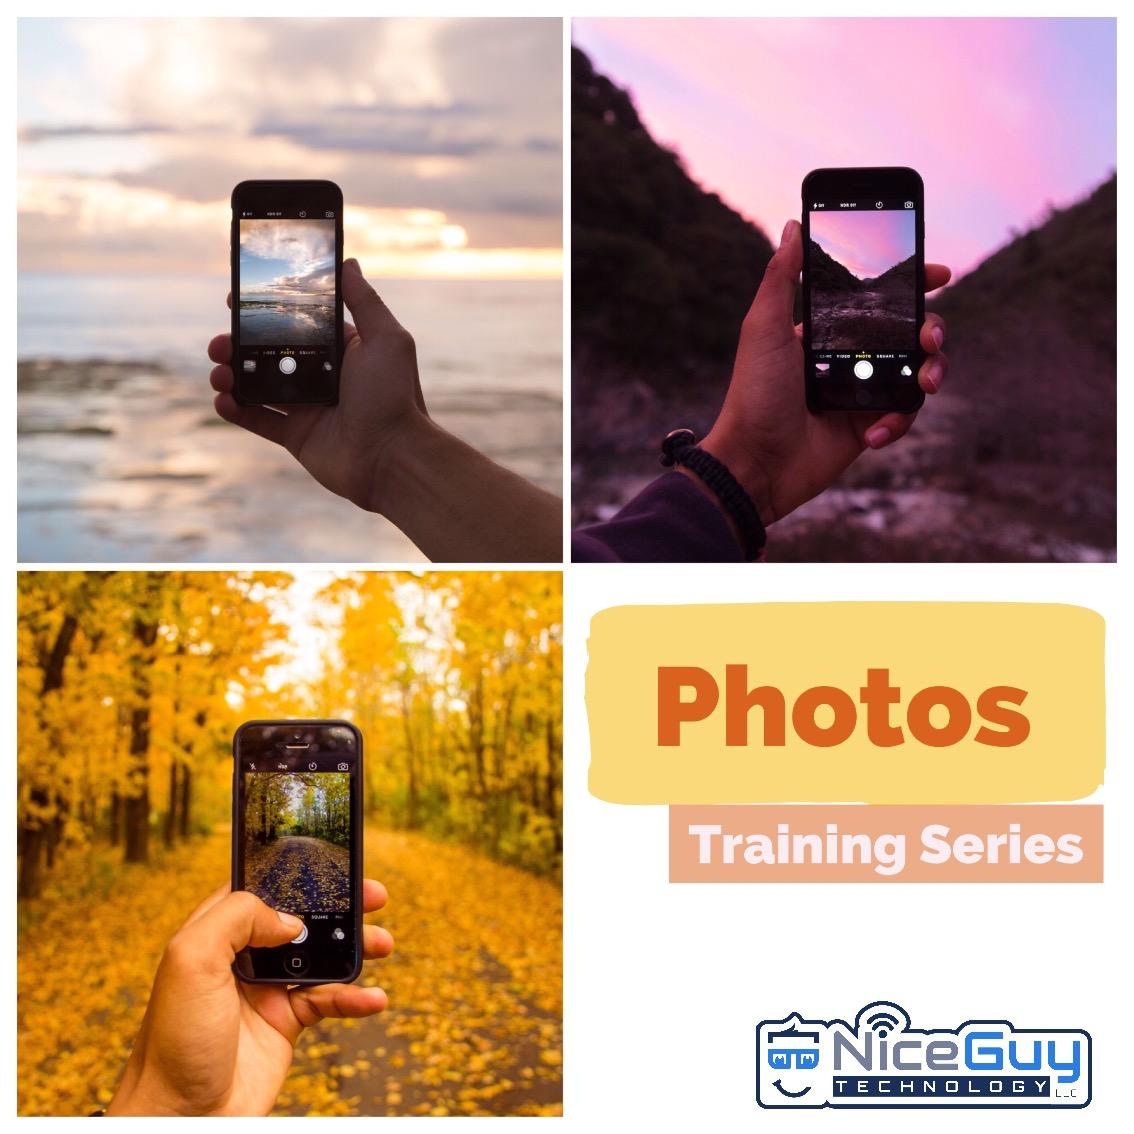 Photos Training Series